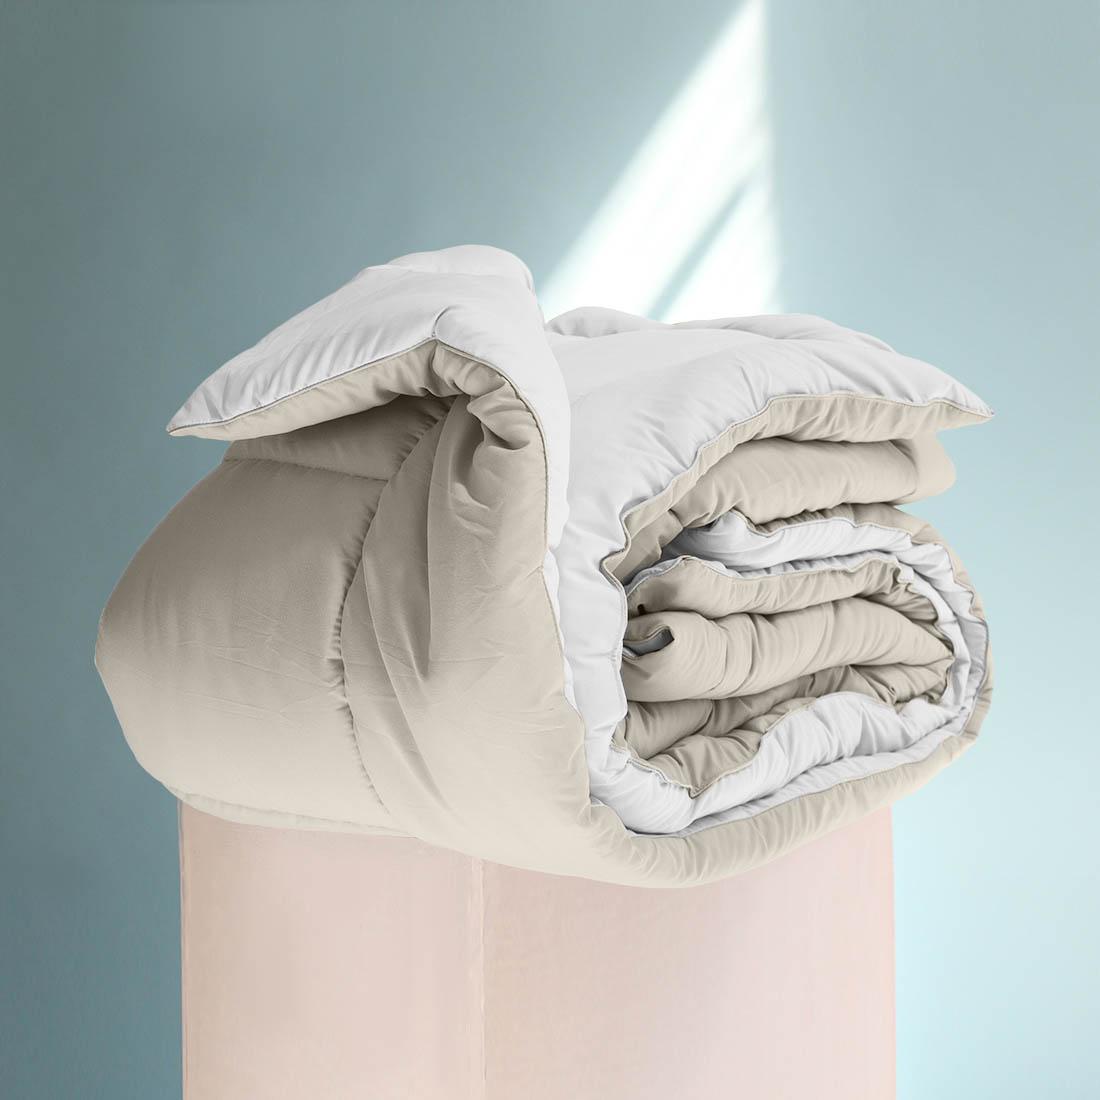 Одеяло  Sleep iX , наполнитель: силиконизированное волокно, цвет: бежевый, белый, 200 х 220 см. pva320018 -  Одеяла